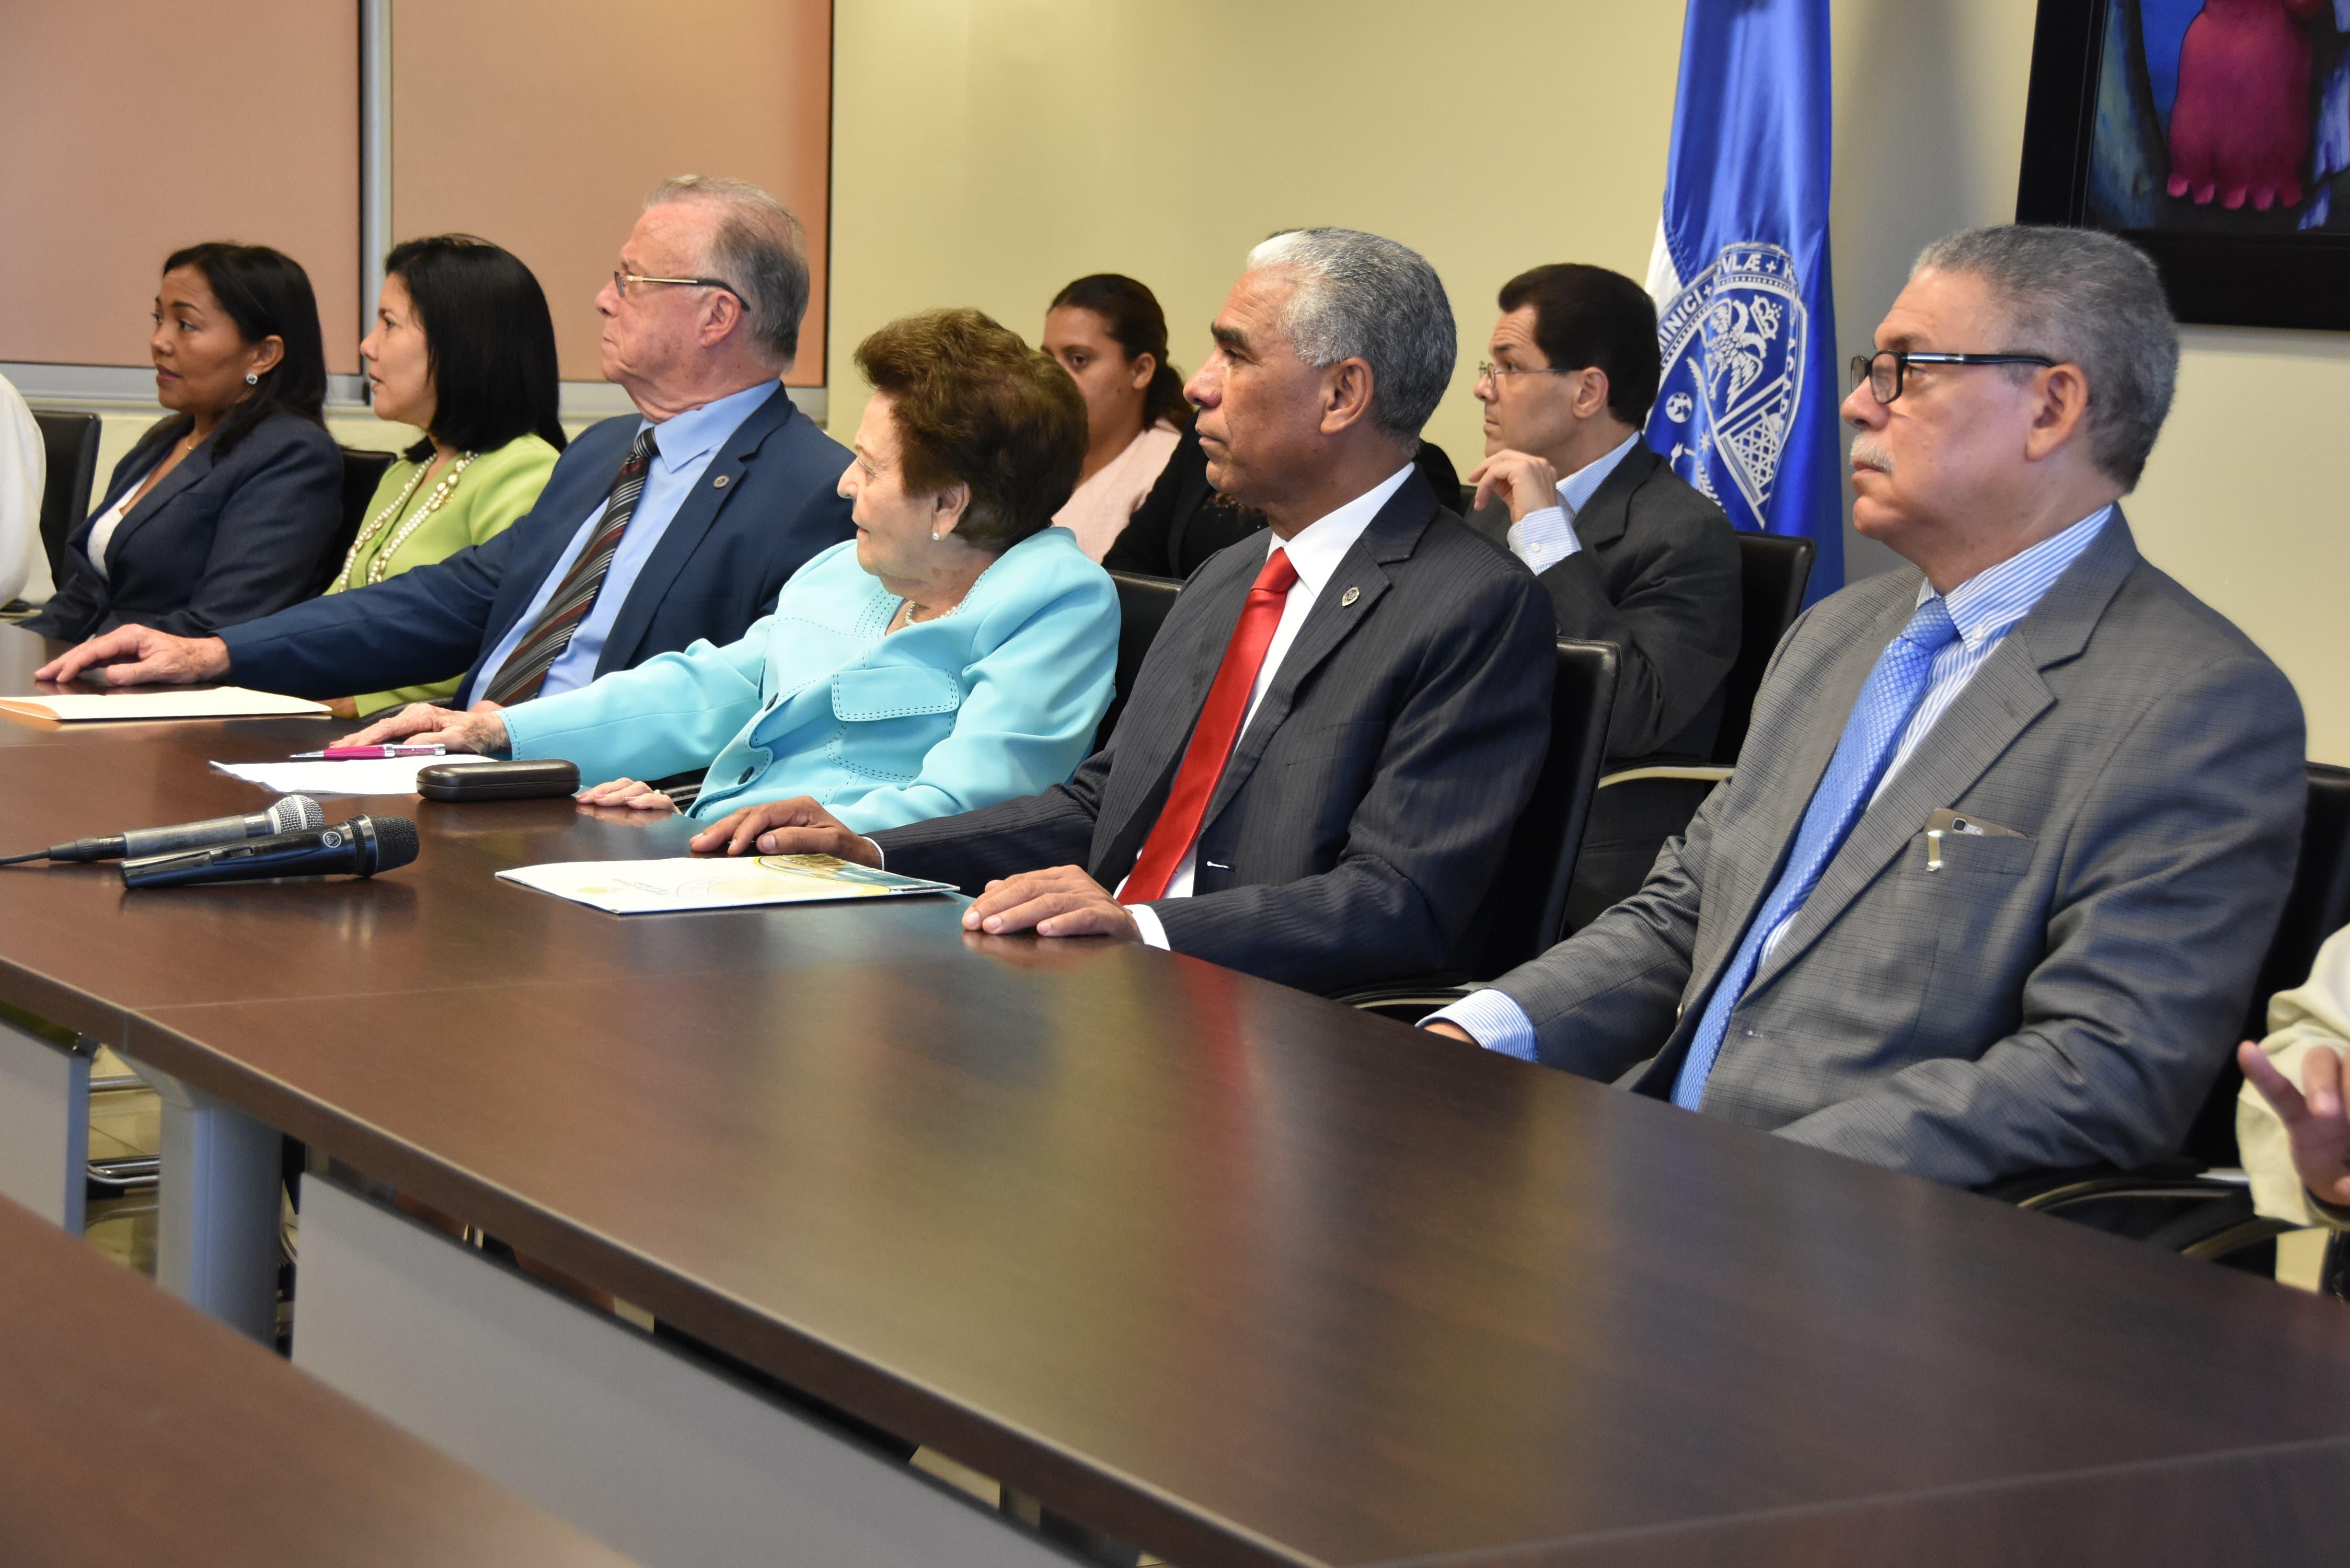 El decano de la Facultad de Ciencias de la Salud, doctor Wilson Mejía, la presidenta del Centro de Rehabilitación, señora Mery Marranzini, junto a funcionarios de ambas instituciones.